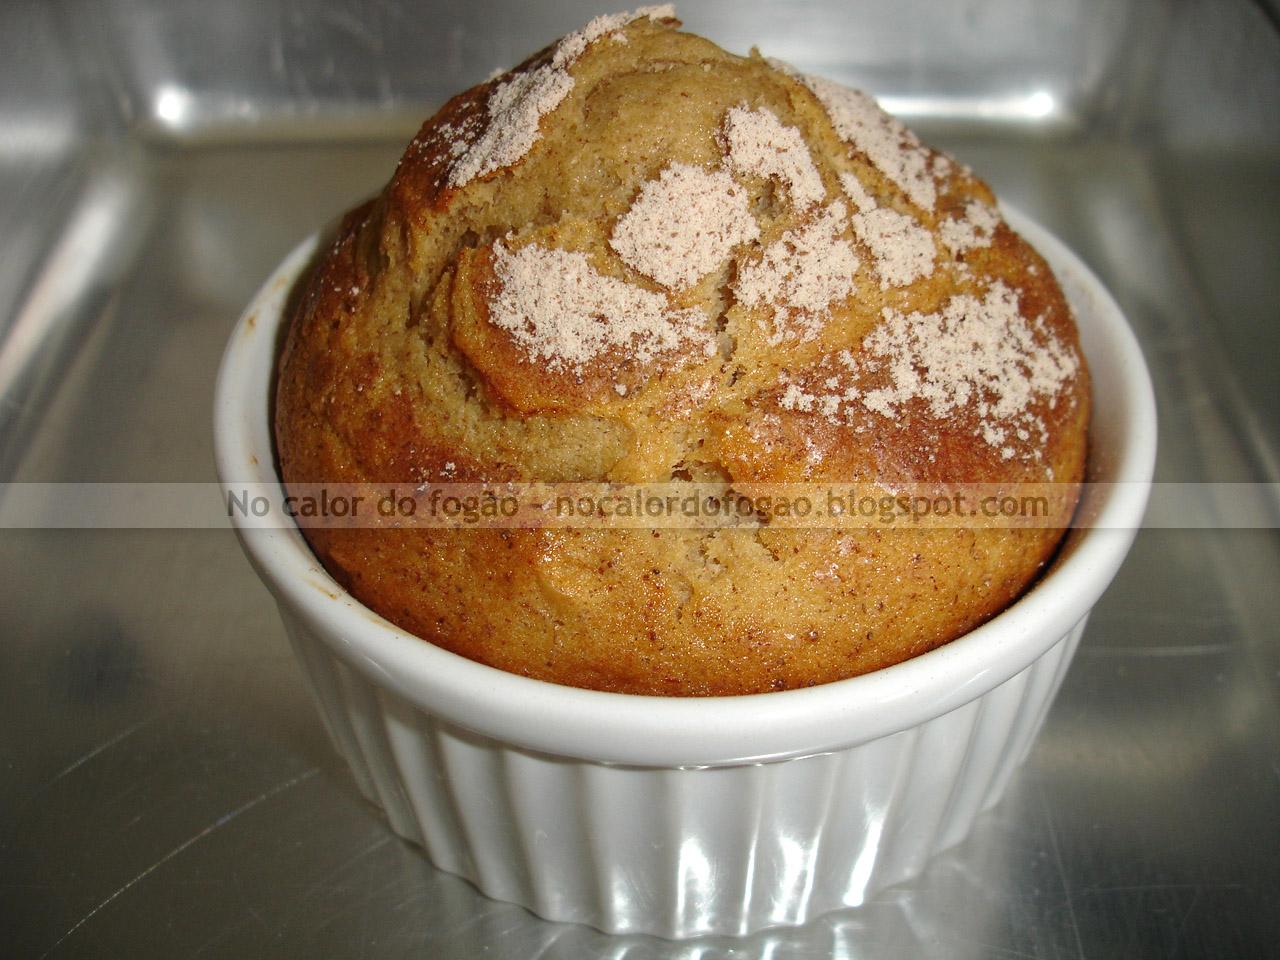 Muffins de banana, amêndoas e canela